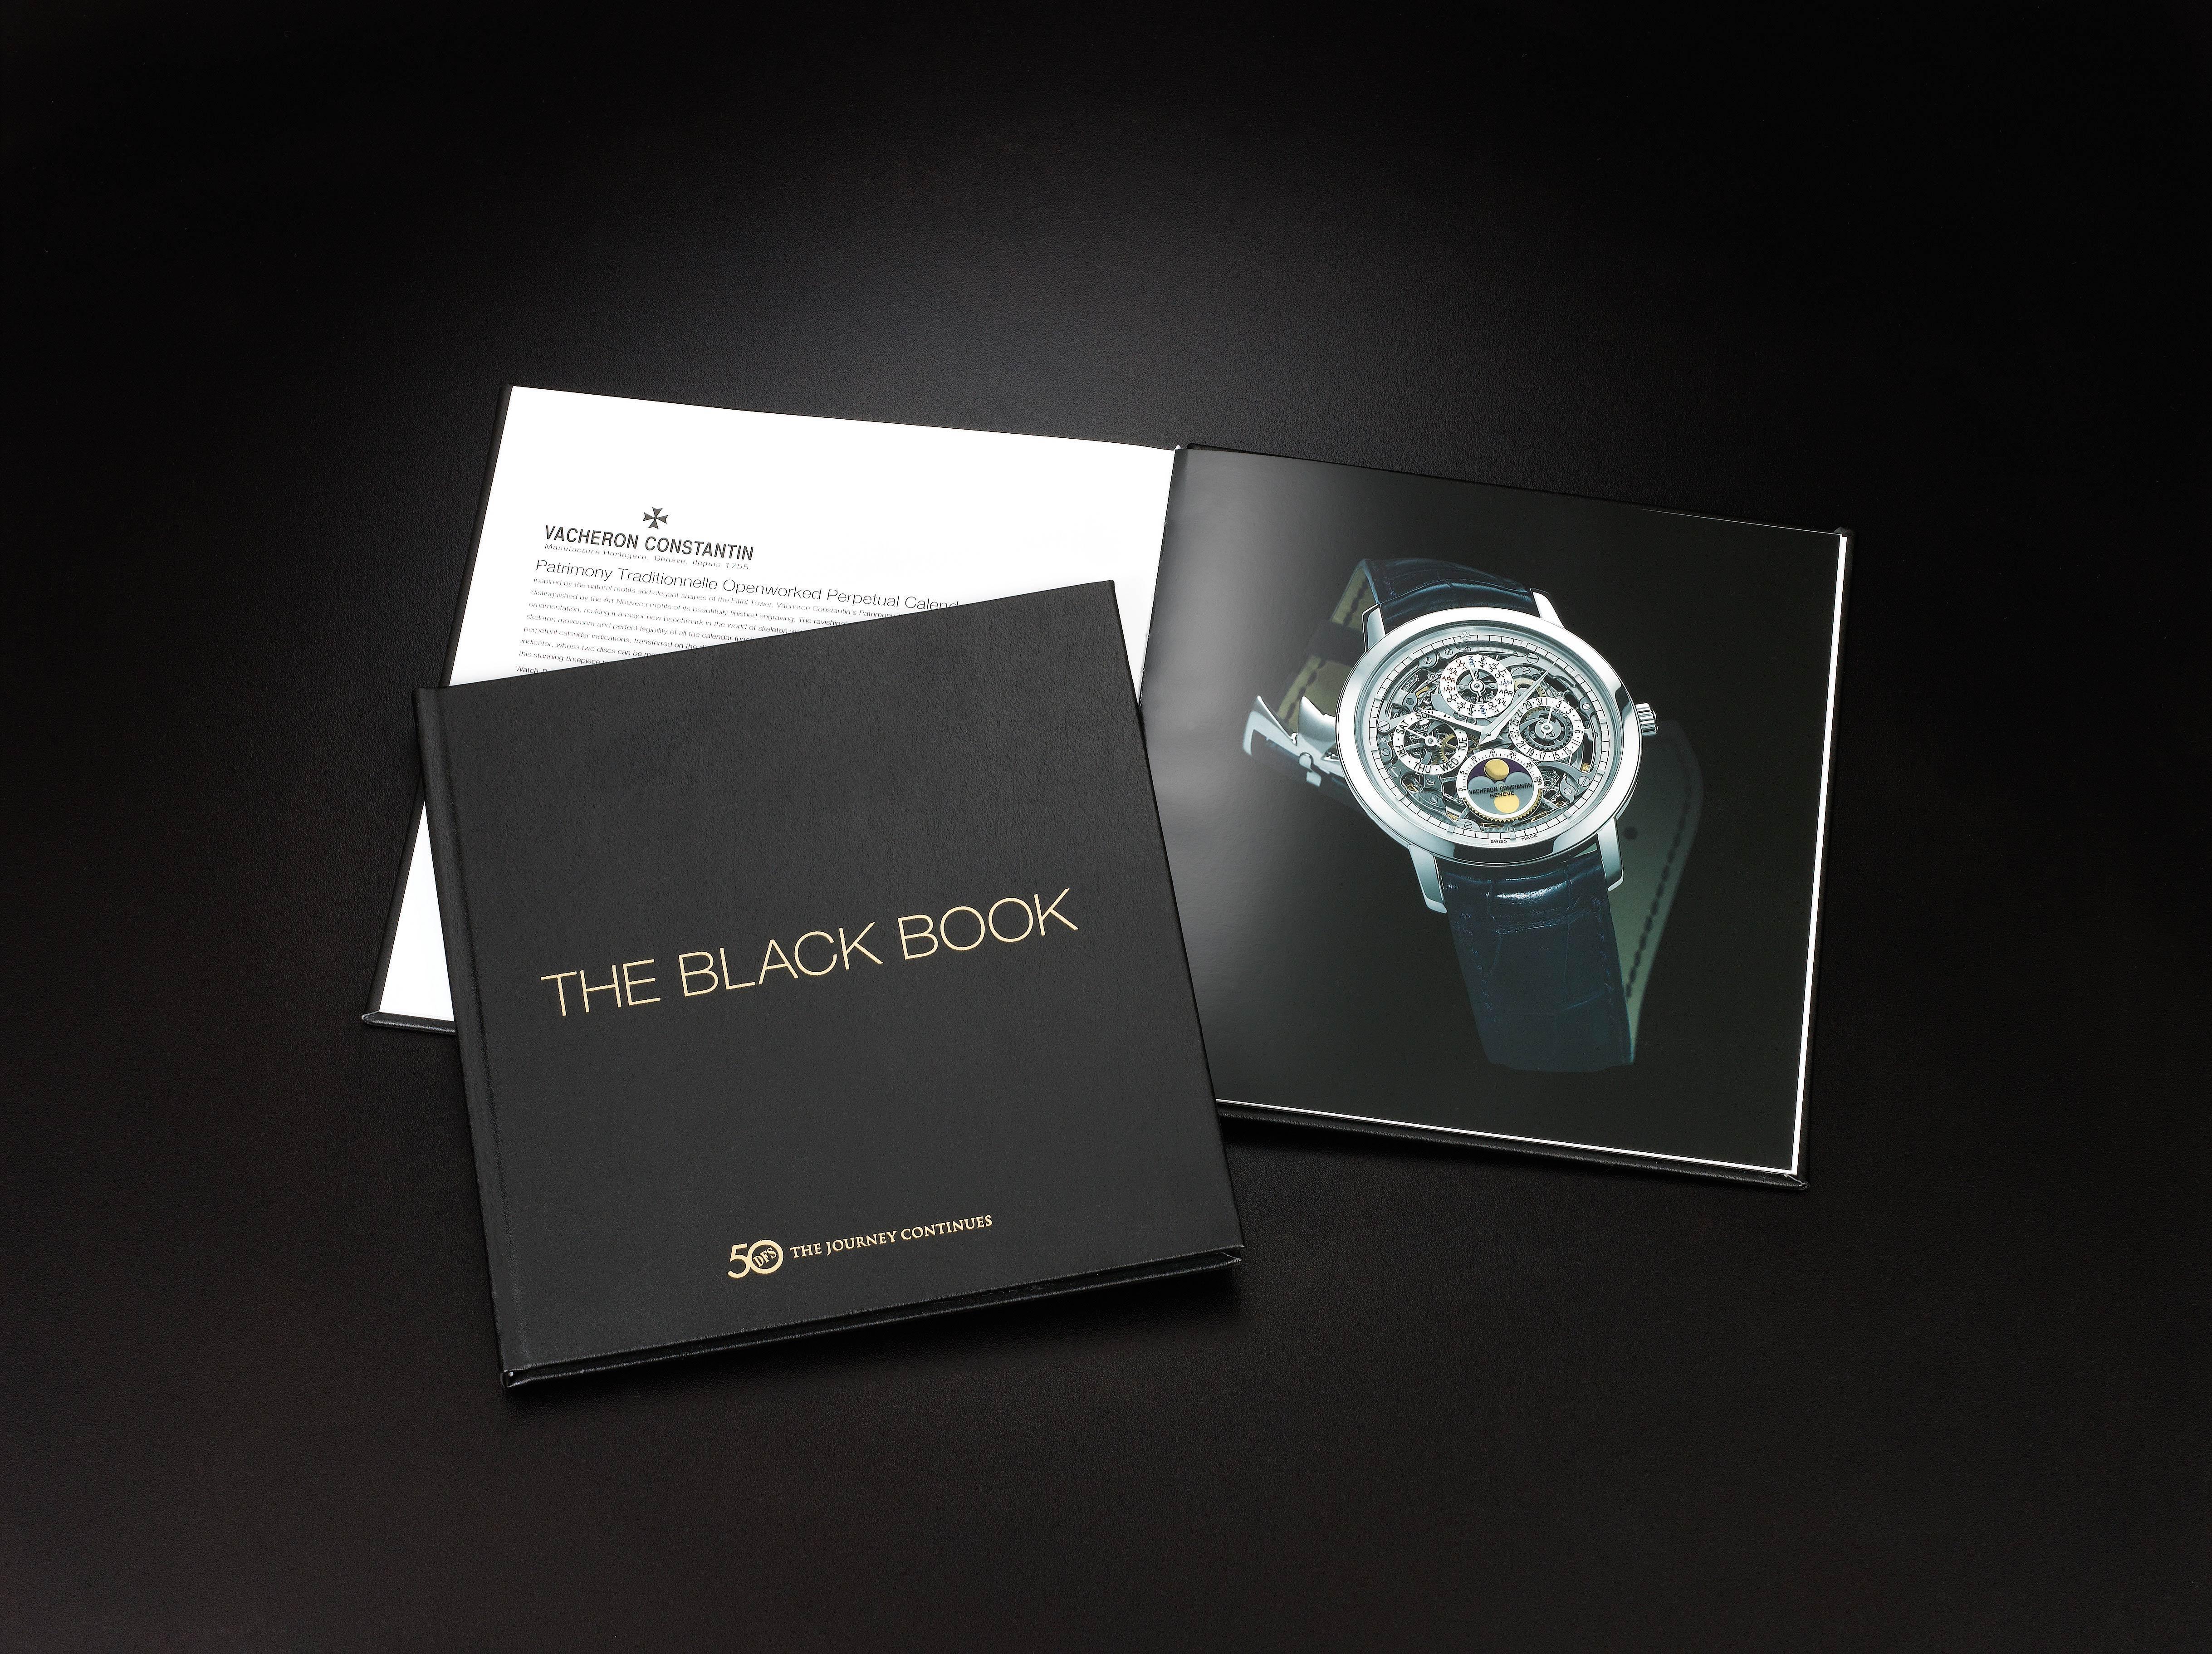 1_Book_DFS Black Book_RGB-01